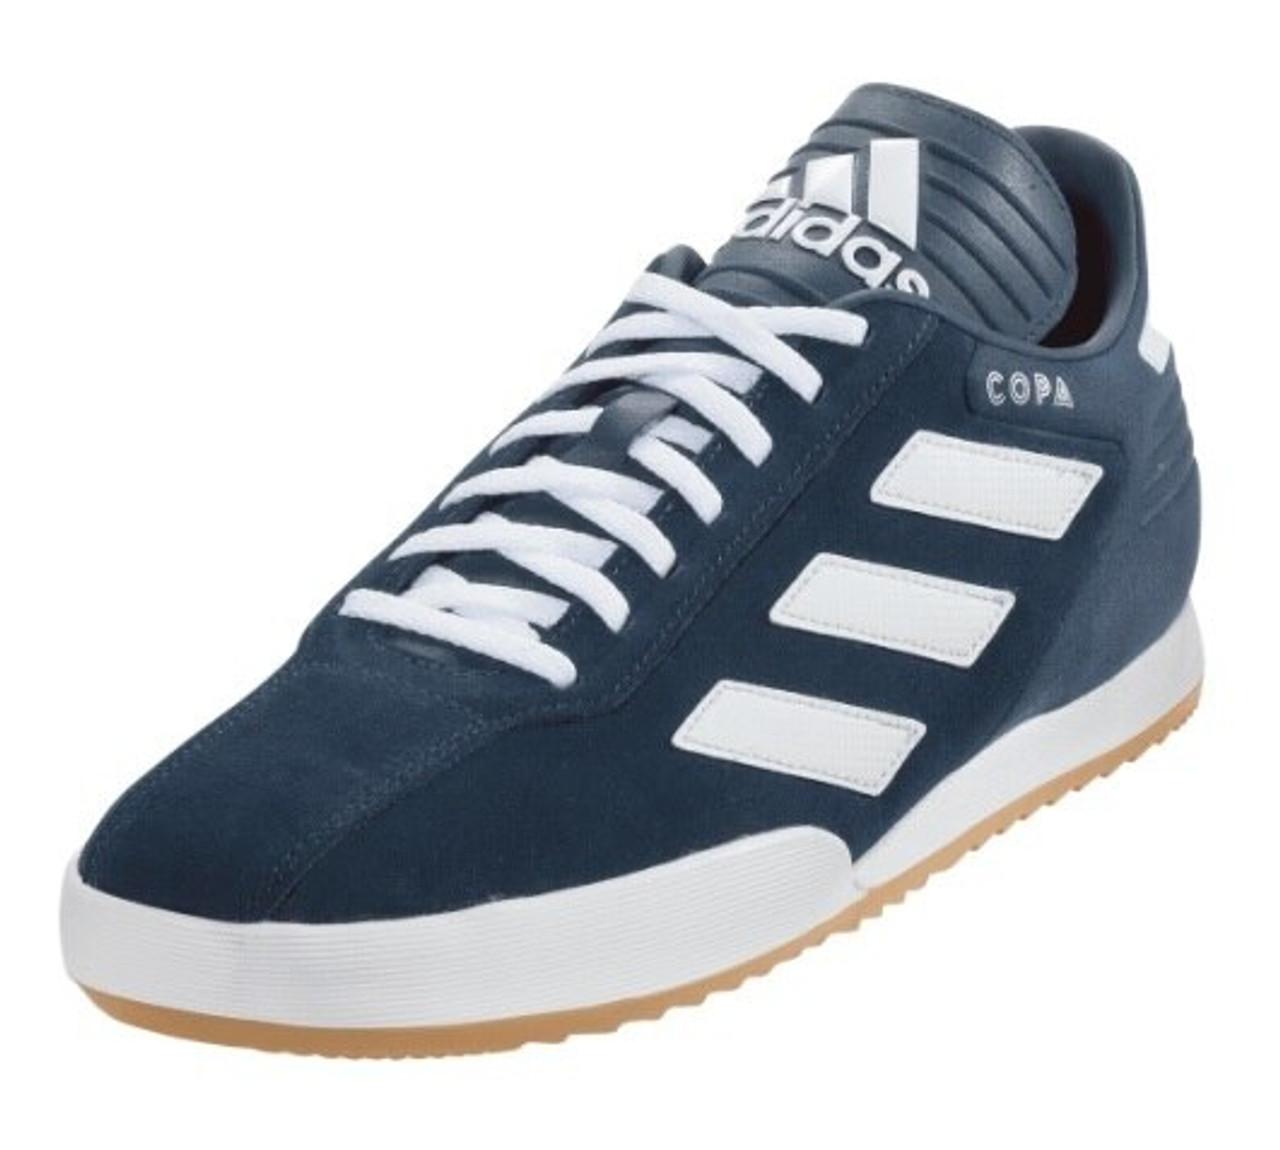 Adidas Copa Super Shoes - Collegiate